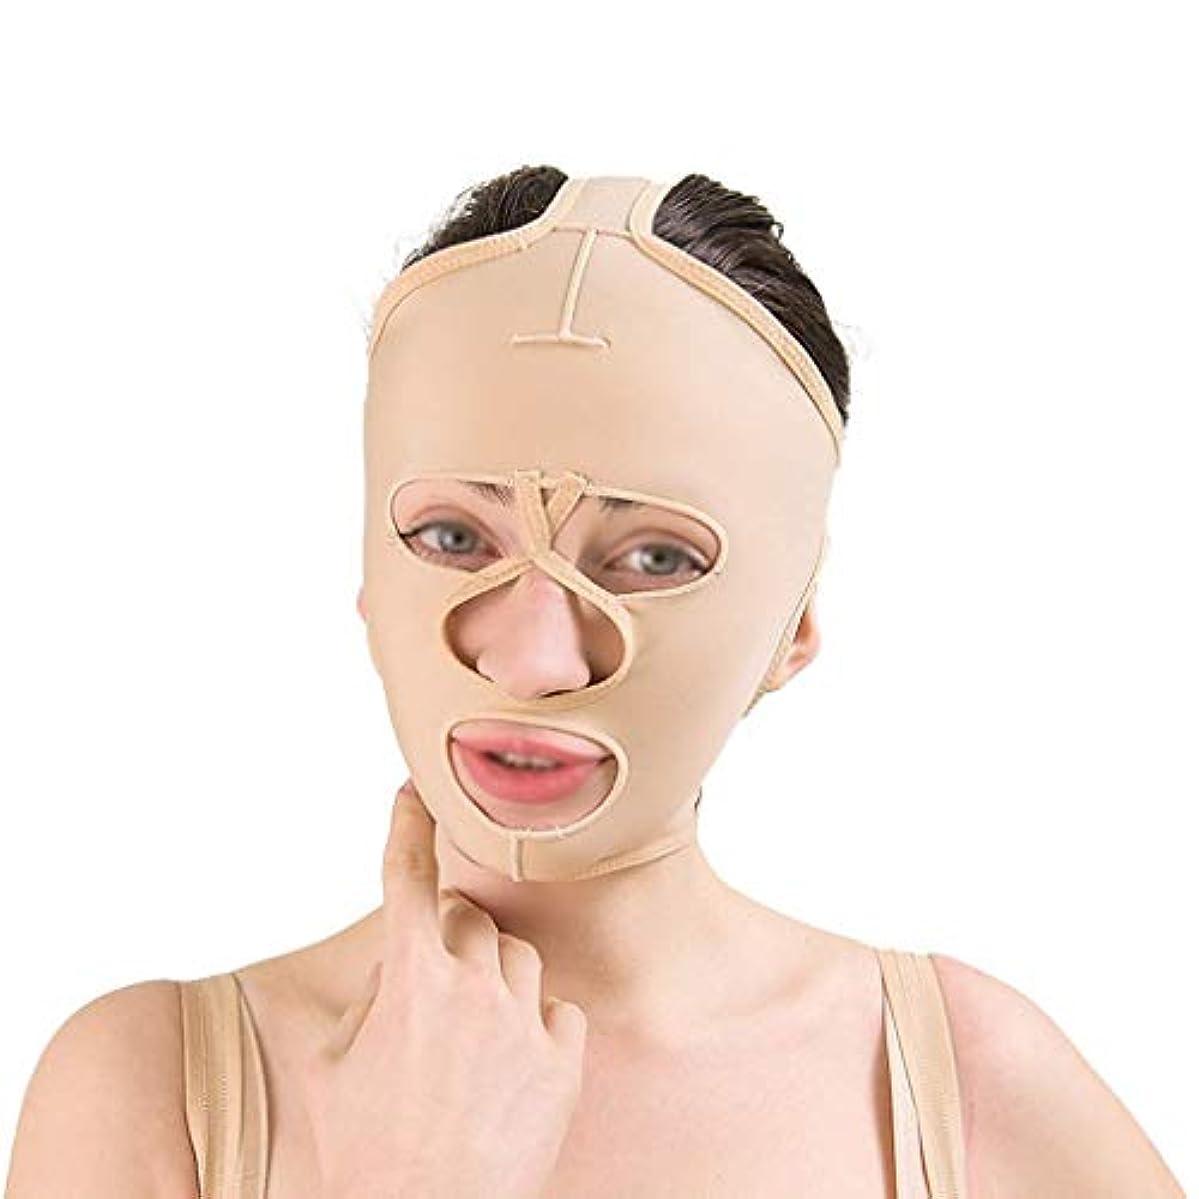 堂々たる突き出す筋肉のフェイシャルリフティングツール、フェイシャルビューティーリフティングマスク、通気性引き締めリフティングフェイシャル包帯、フェイシャルタイトバンデージ(サイズ:L),XL